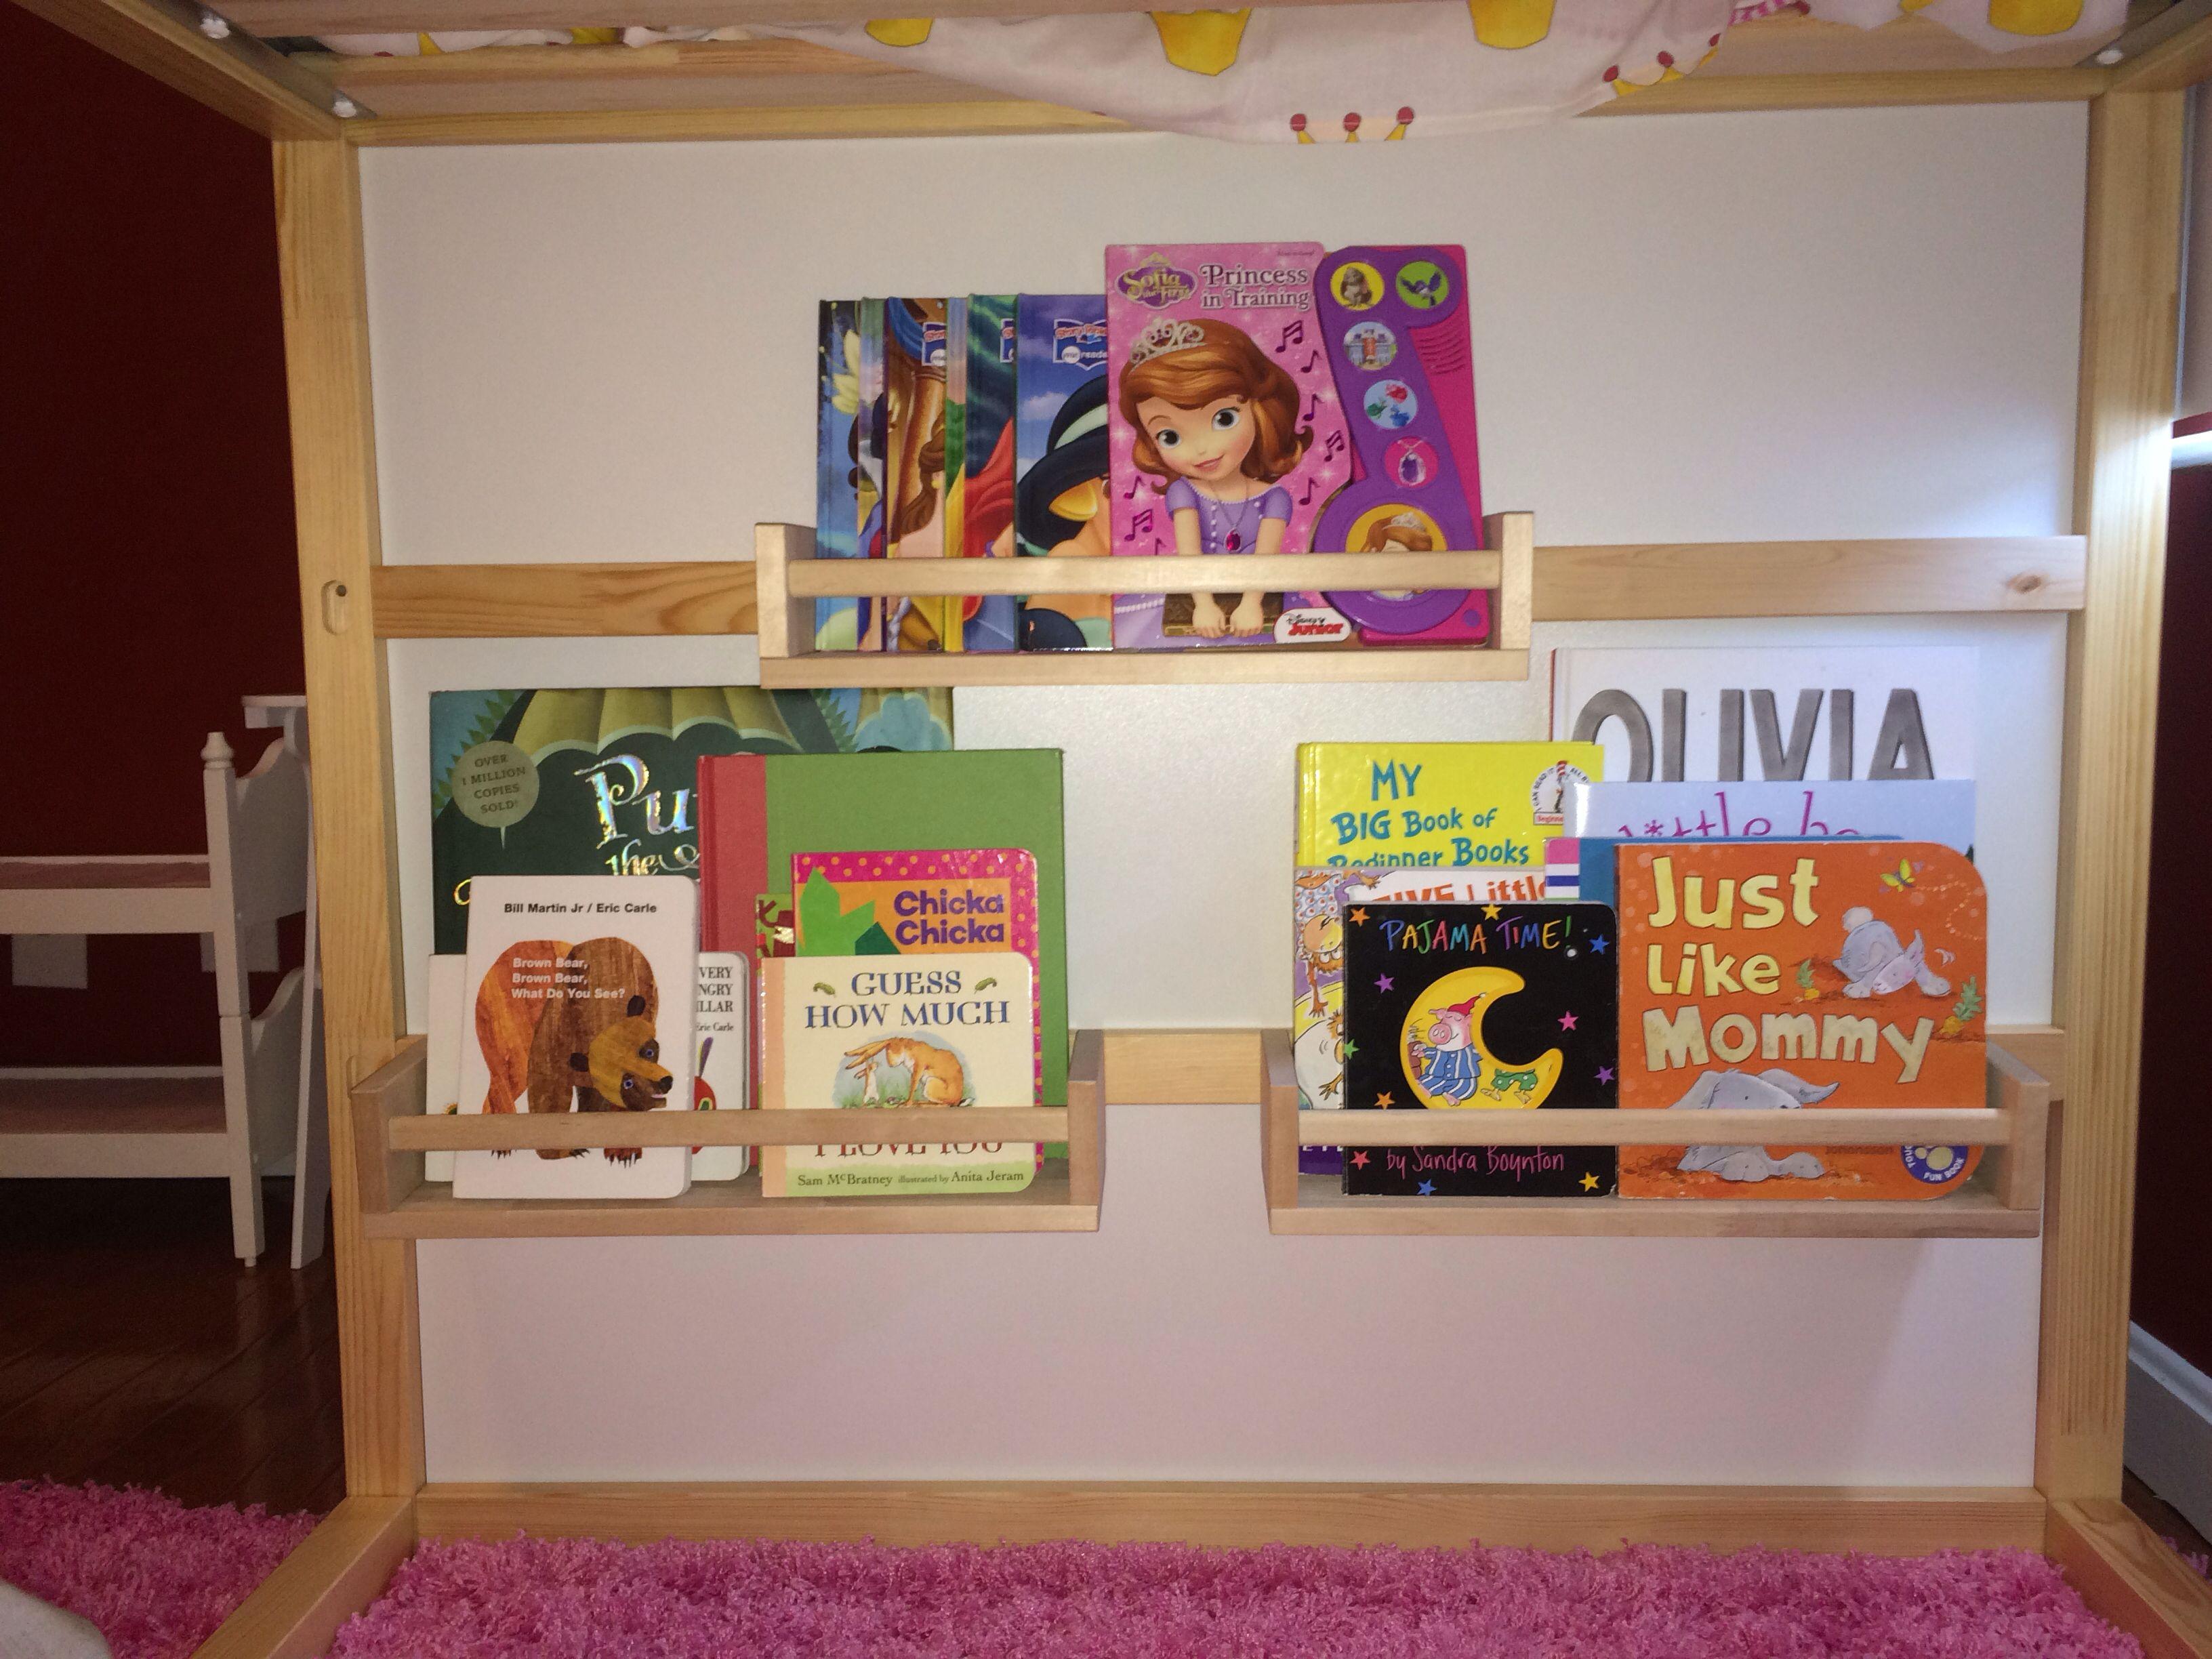 $4 00 spice wracks as book shelves on ikea Kura Bed